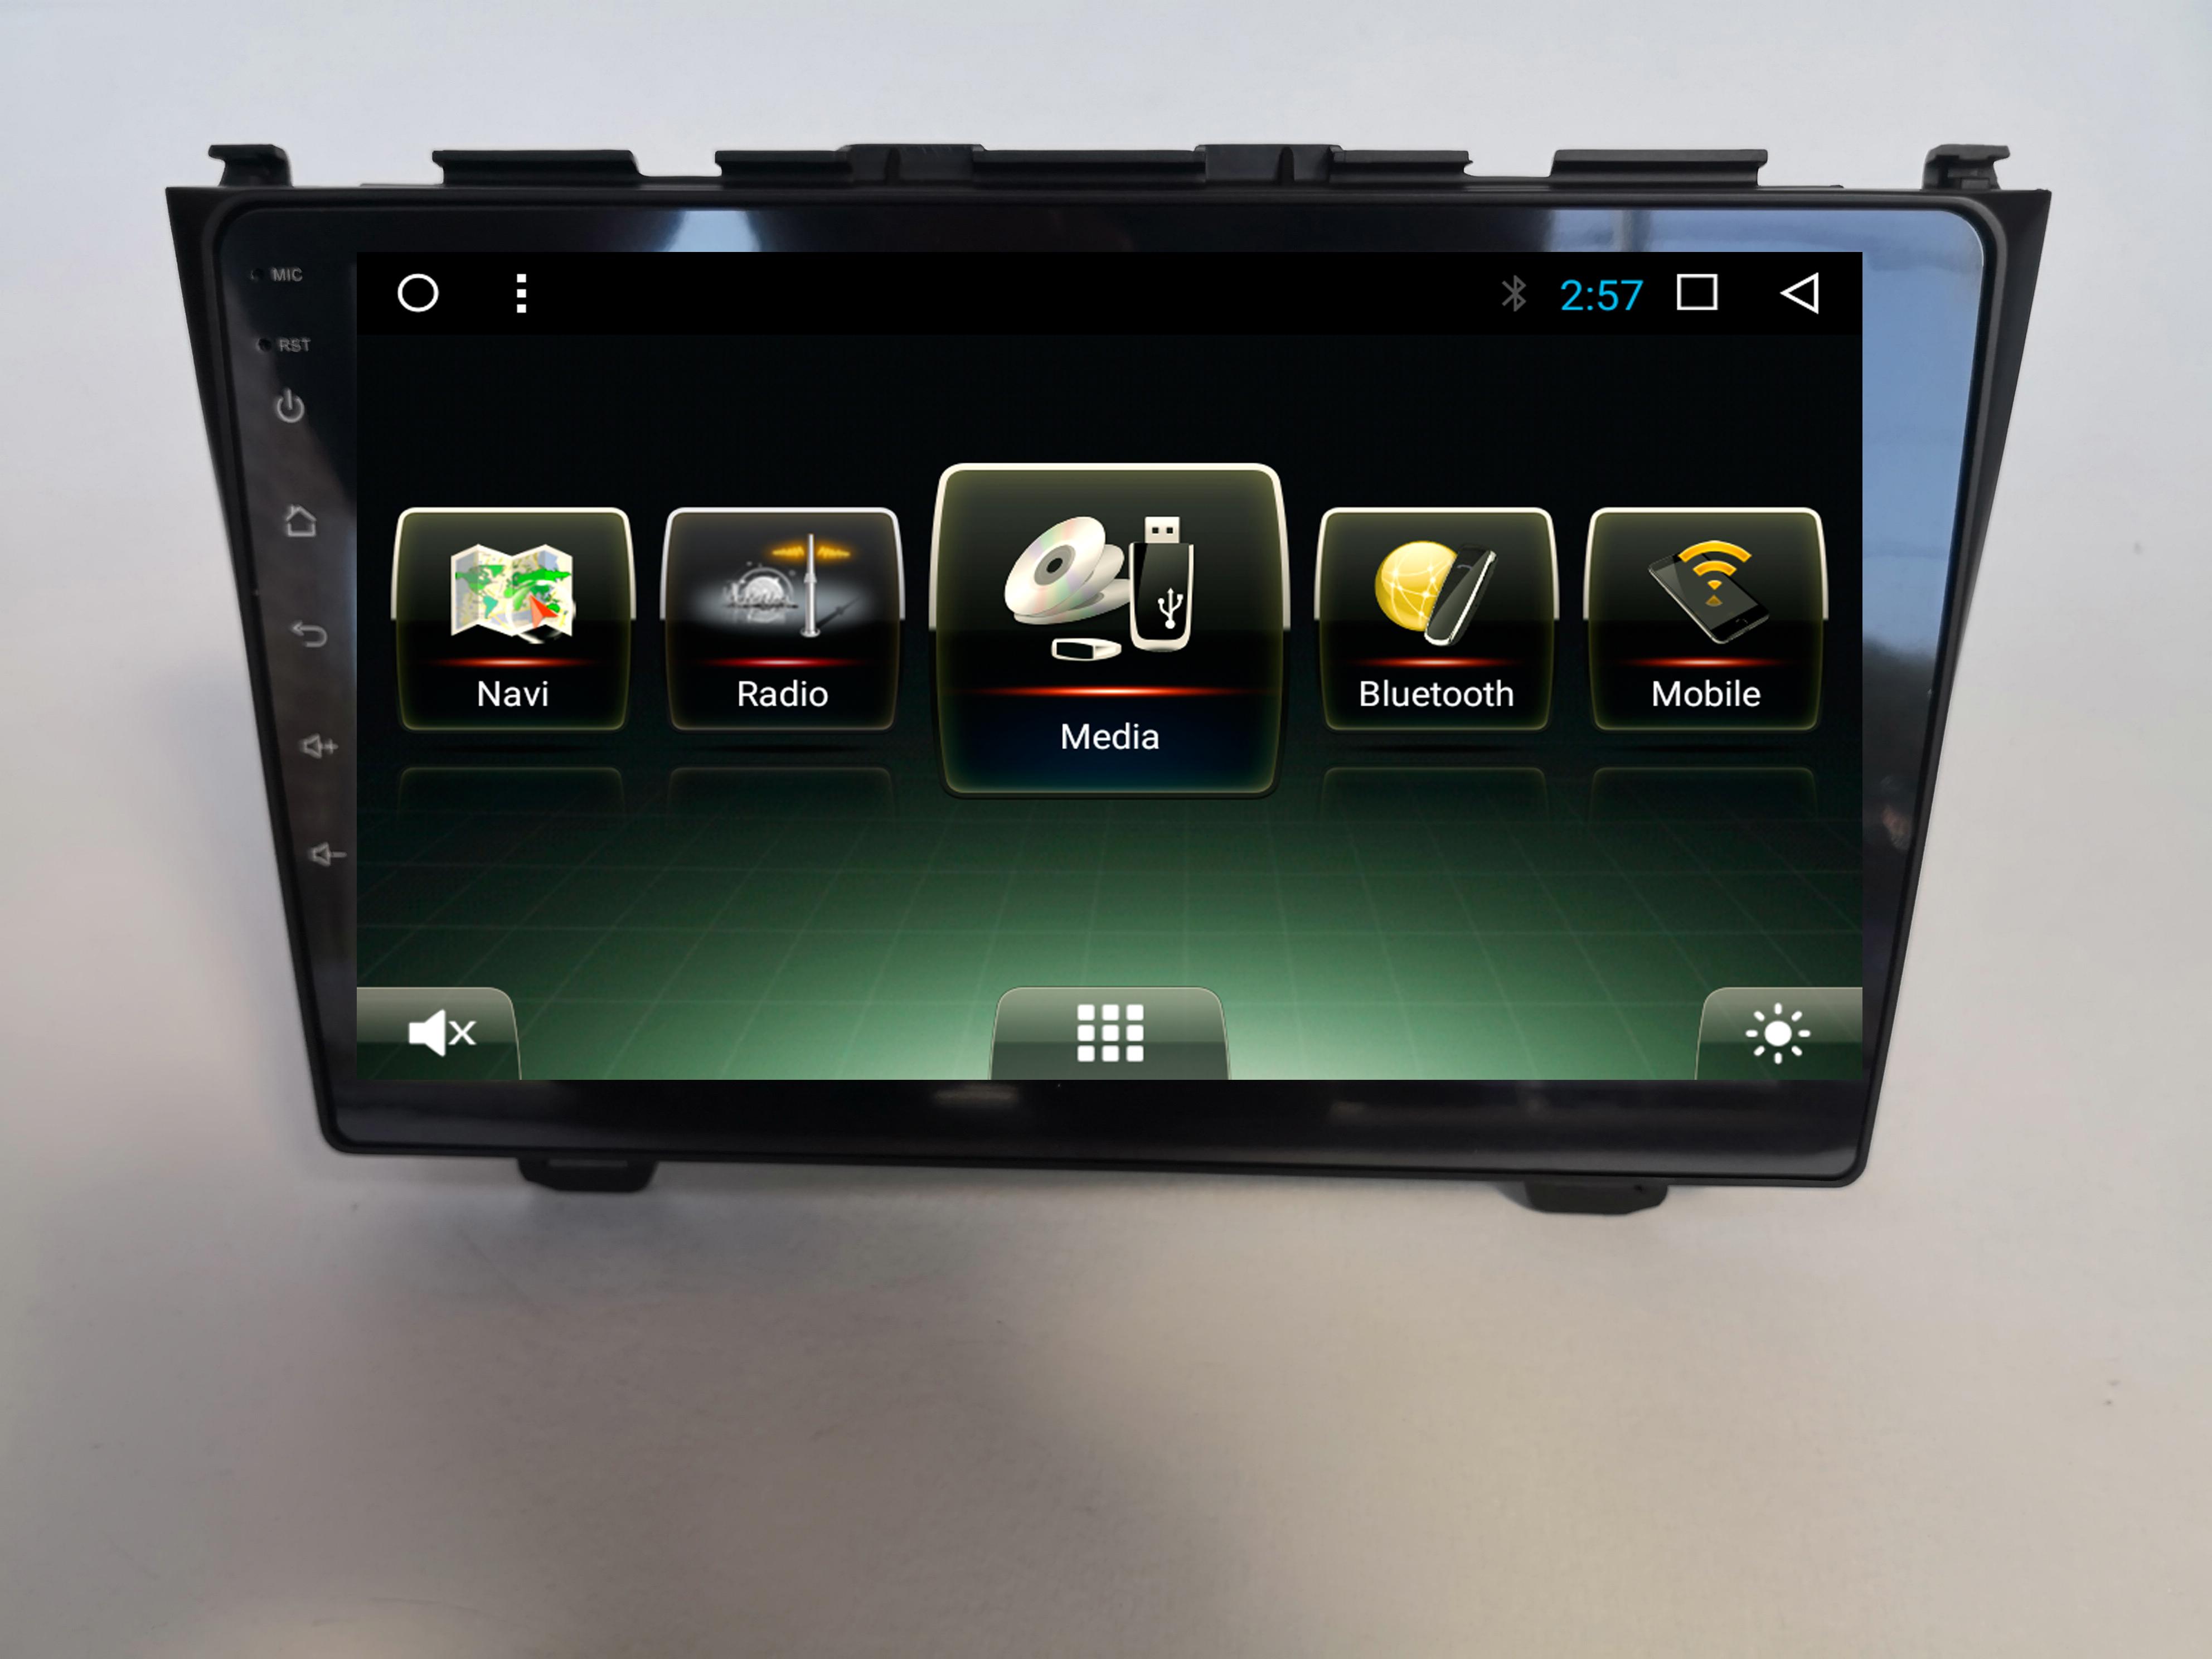 Штатная магнитола HONDA CRV III 2006-2012 (RE) на Android 7.1 CARMEDIA U9-6256-T8 штатная магнитола carmedia u9 6531 t8 bmw x5 2000 2006 e53 5 я серия 1996 2003 e39 7 я серия 1994 2001 e38 на android 7 1